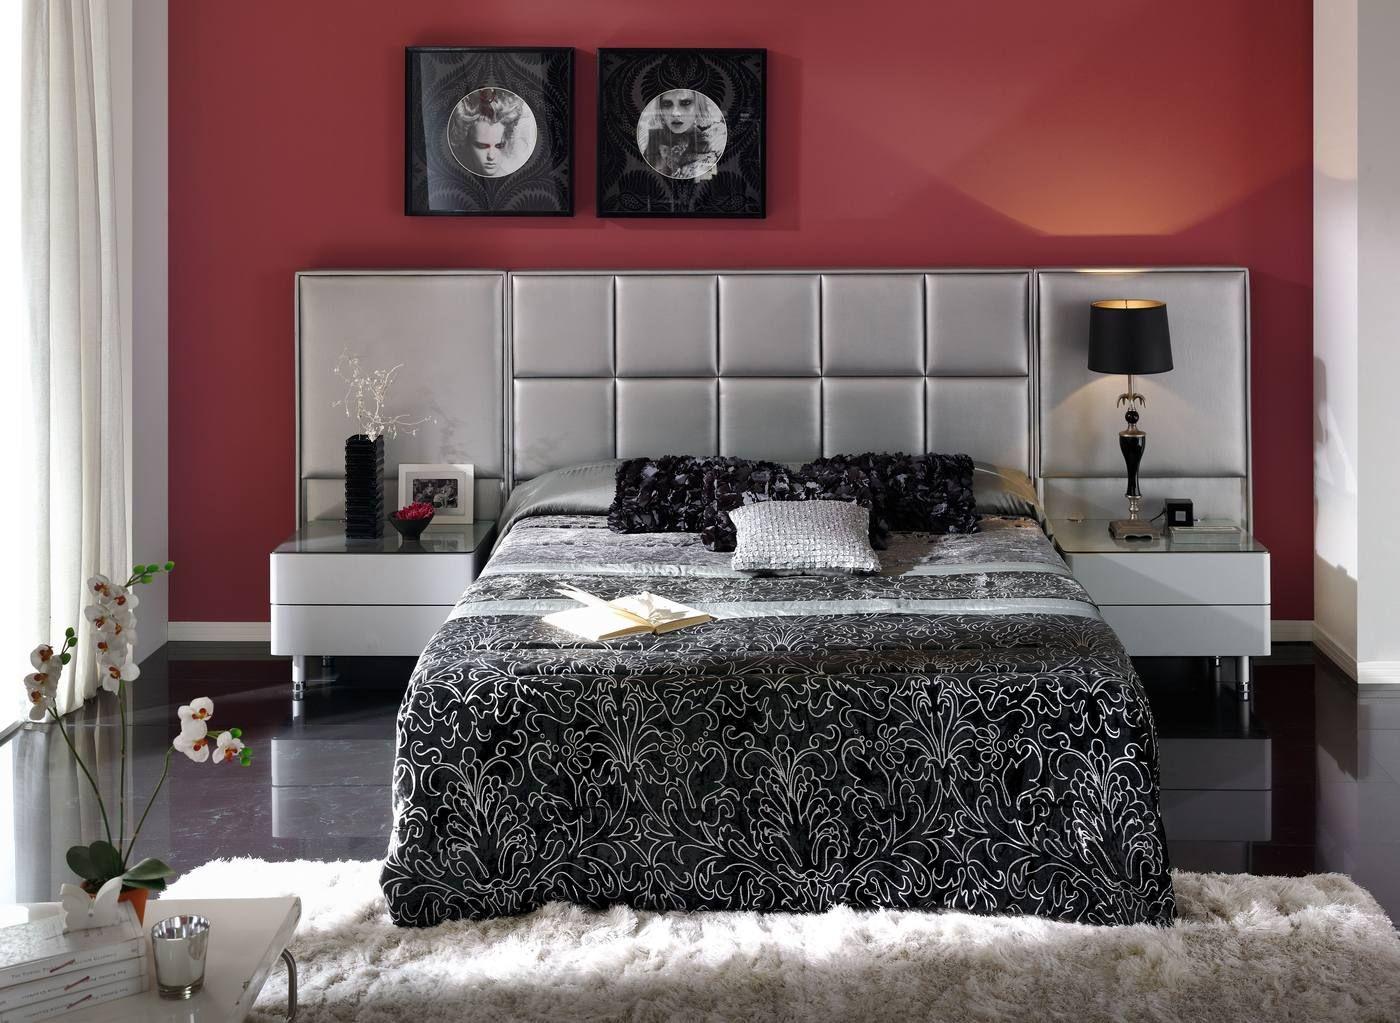 Cabeceras De Cama Tapizadas Google Search Muebles Pinterest  ~ Cabeceros Para Camas De Matrimonio